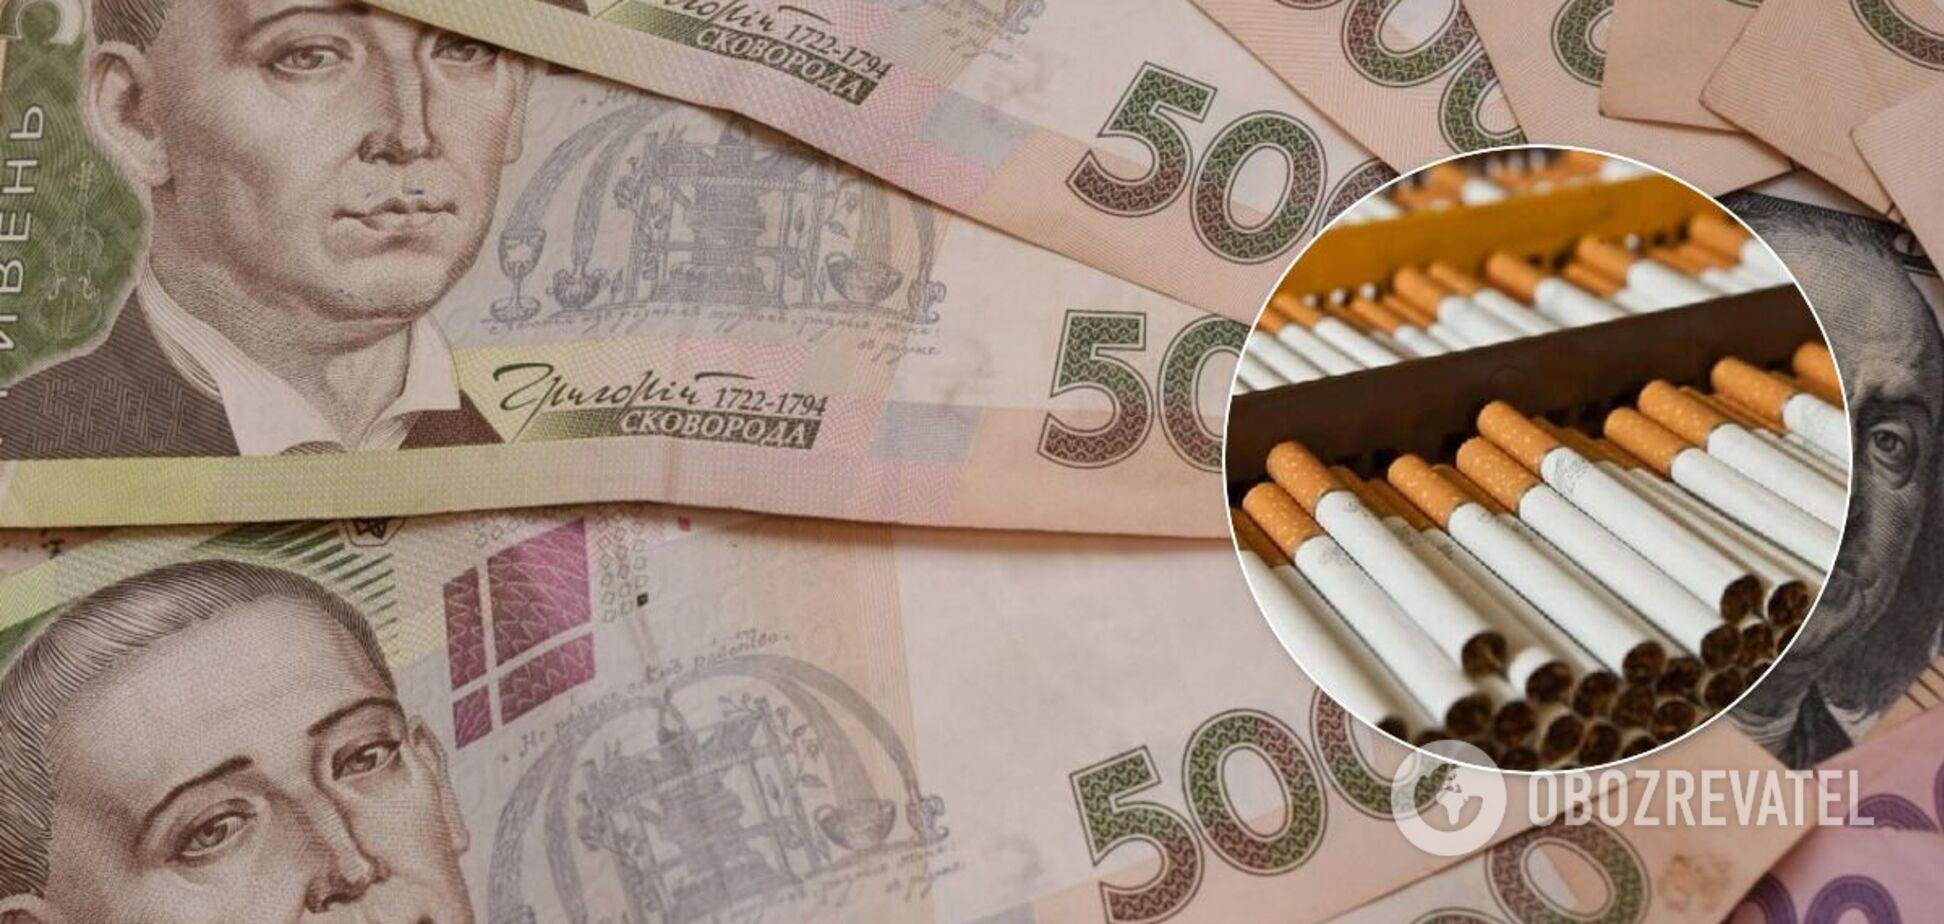 Табачный монополист в суде оспорил самый крупный в истории Украины штраф Антимонопольного комитета